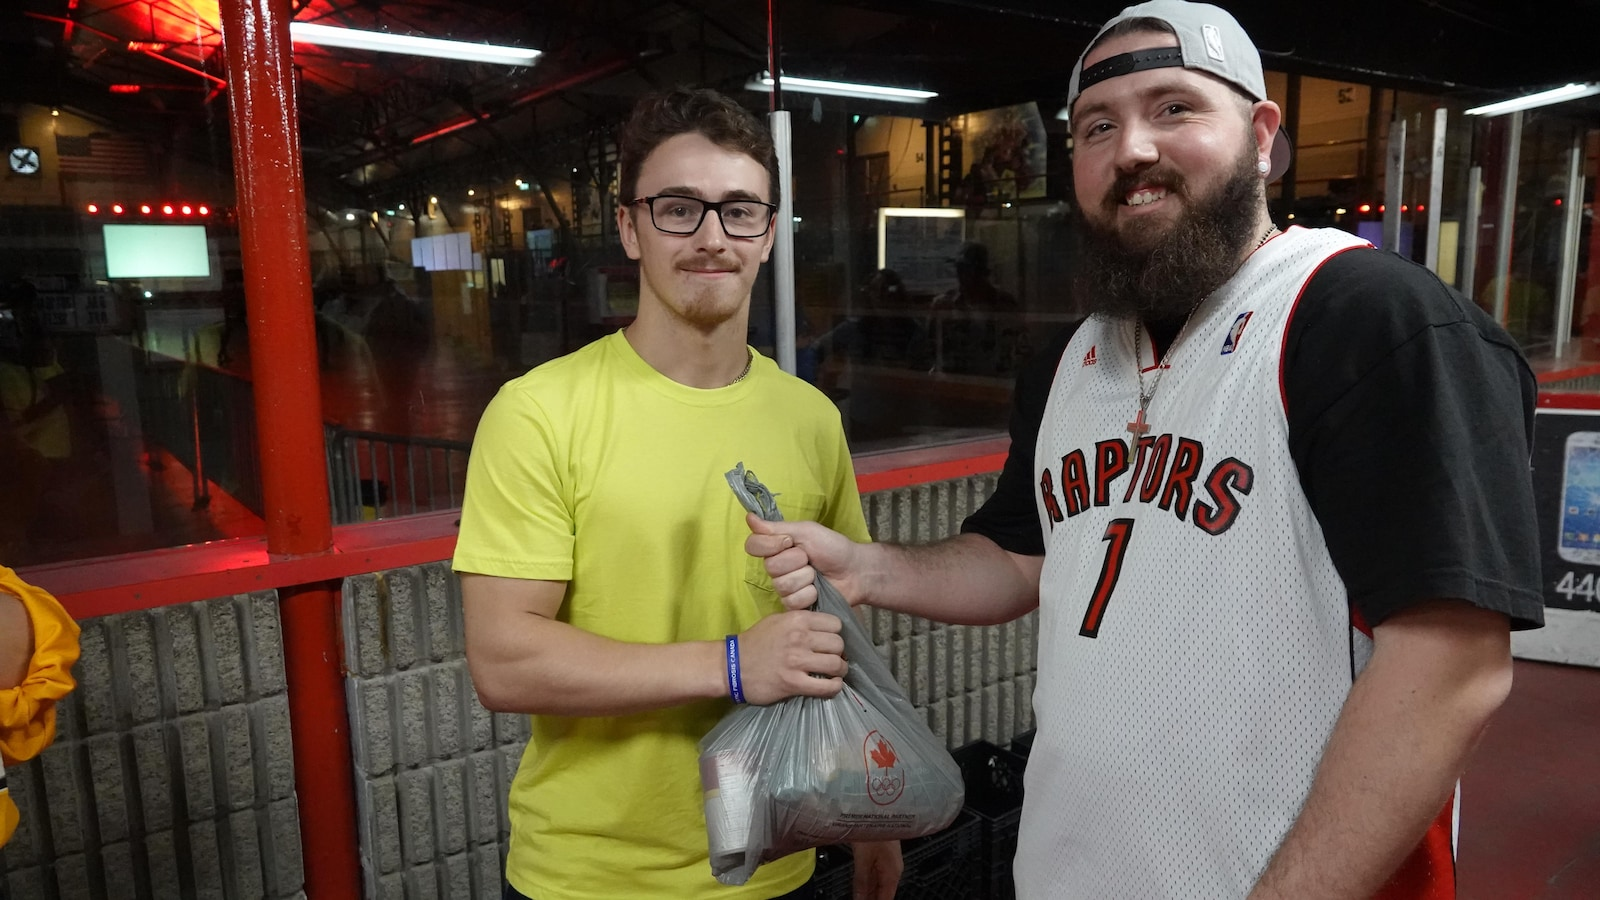 Un fan de basketball abordant son gilet des Raptors pose fièrement avec son don en denrée non périssable.